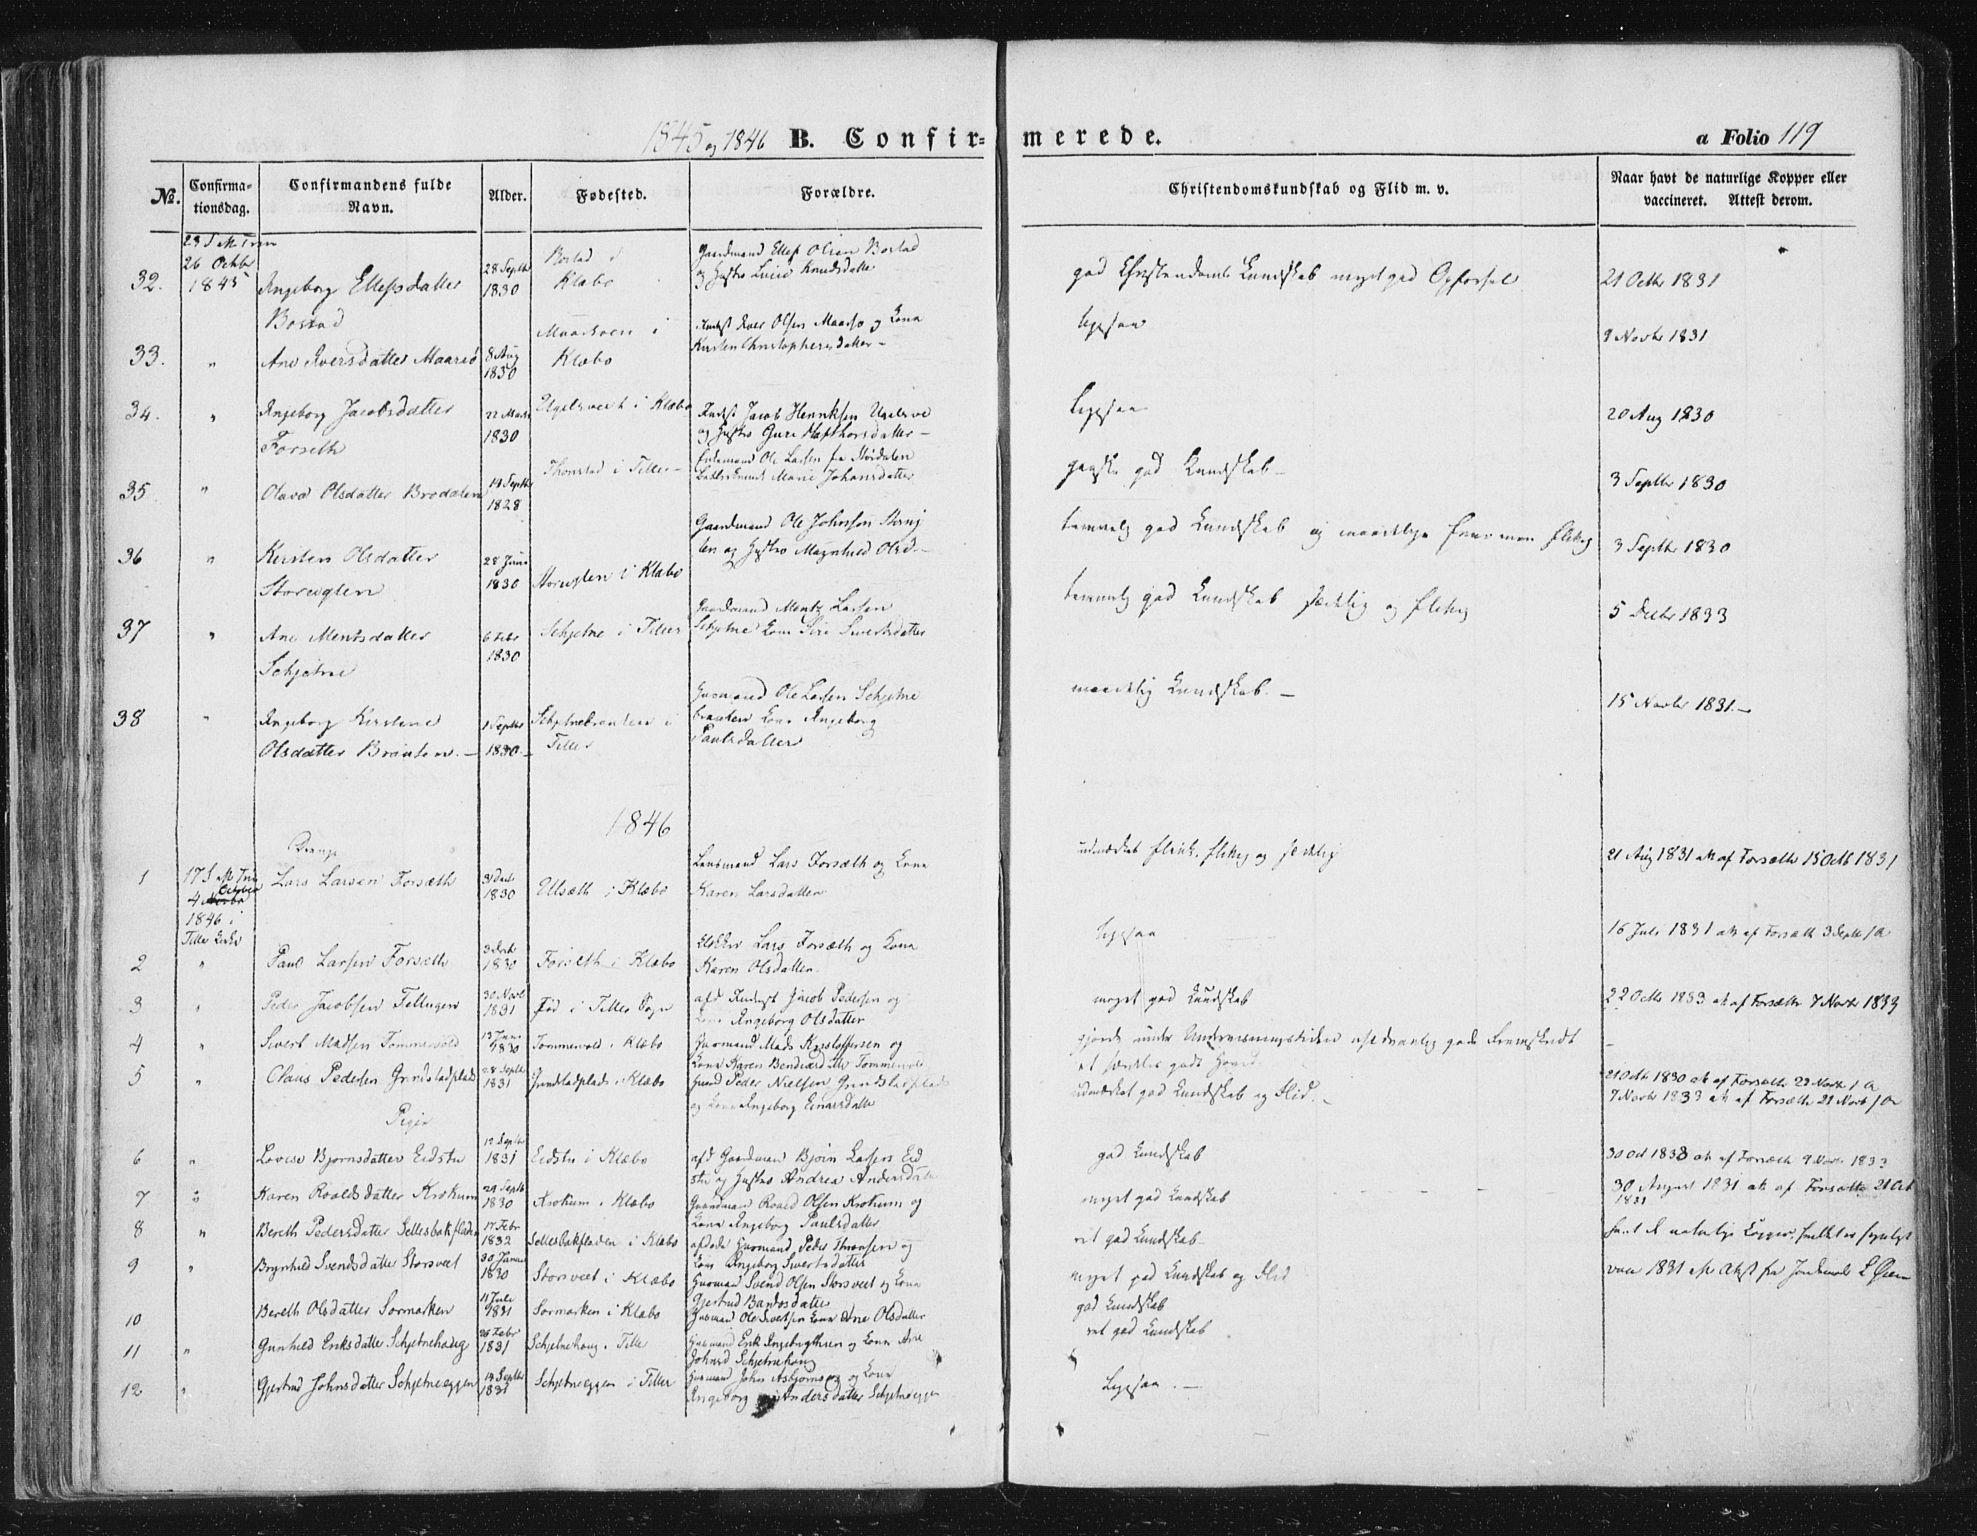 SAT, Ministerialprotokoller, klokkerbøker og fødselsregistre - Sør-Trøndelag, 618/L0441: Ministerialbok nr. 618A05, 1843-1862, s. 119